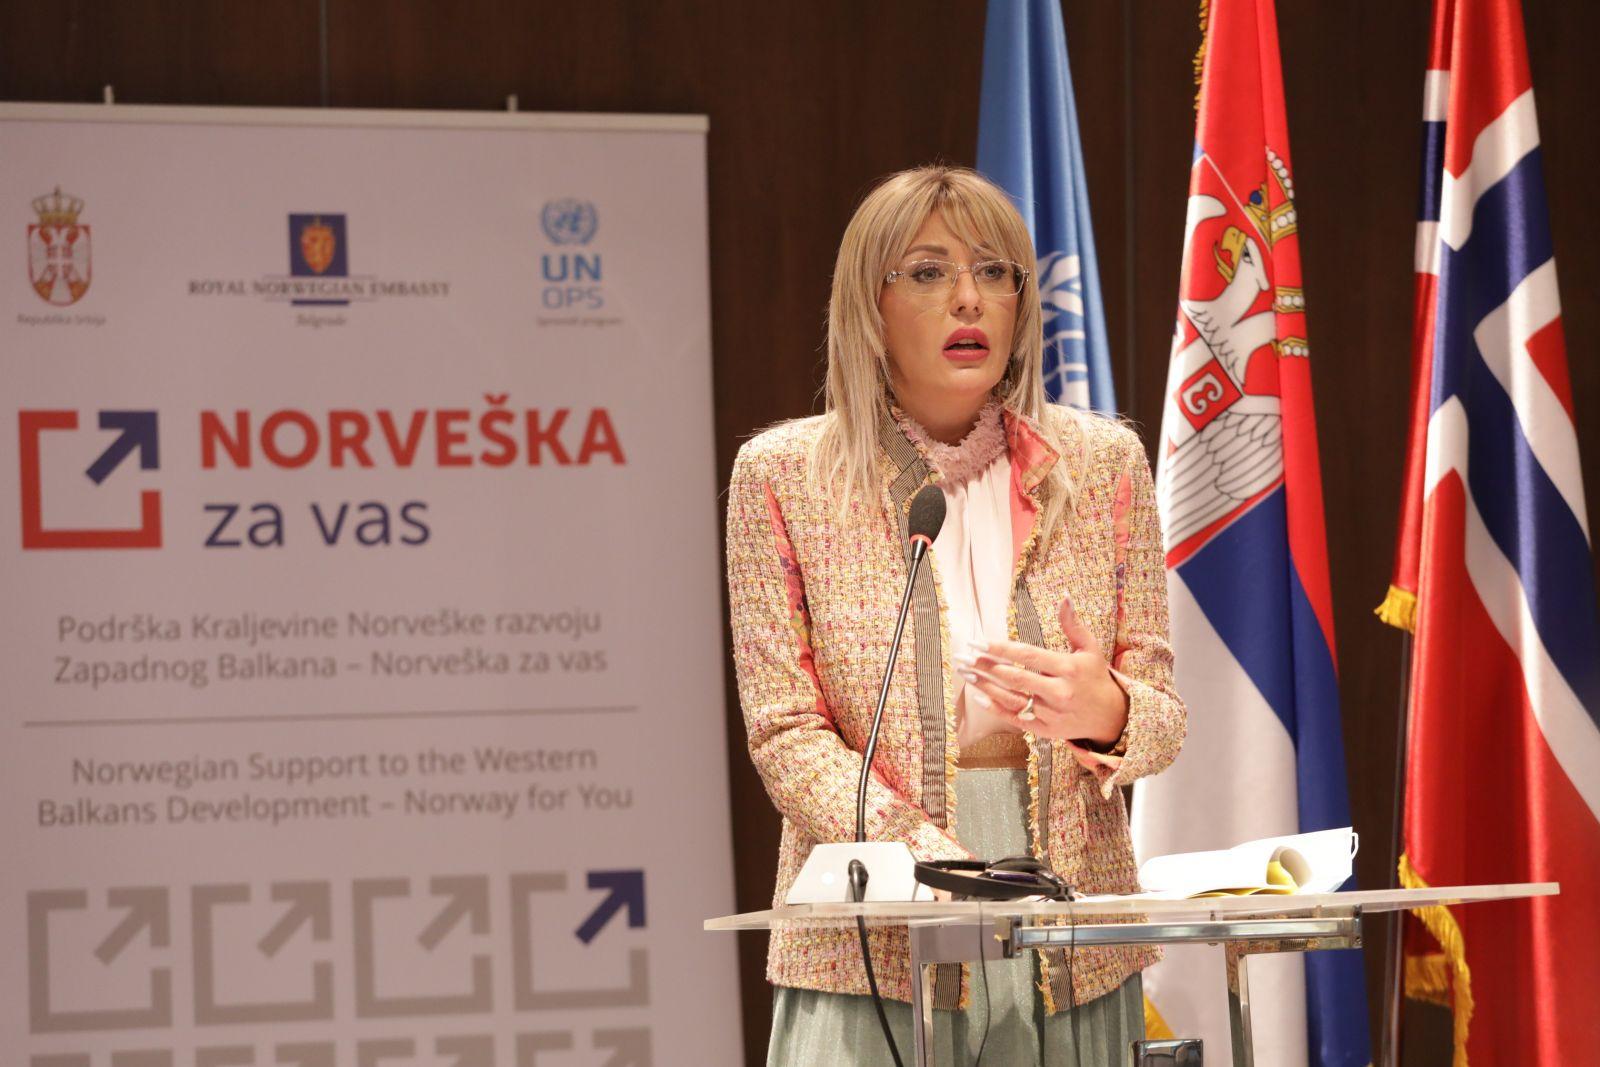 Норвешка помаже равномернијем регионалном развоју Србије